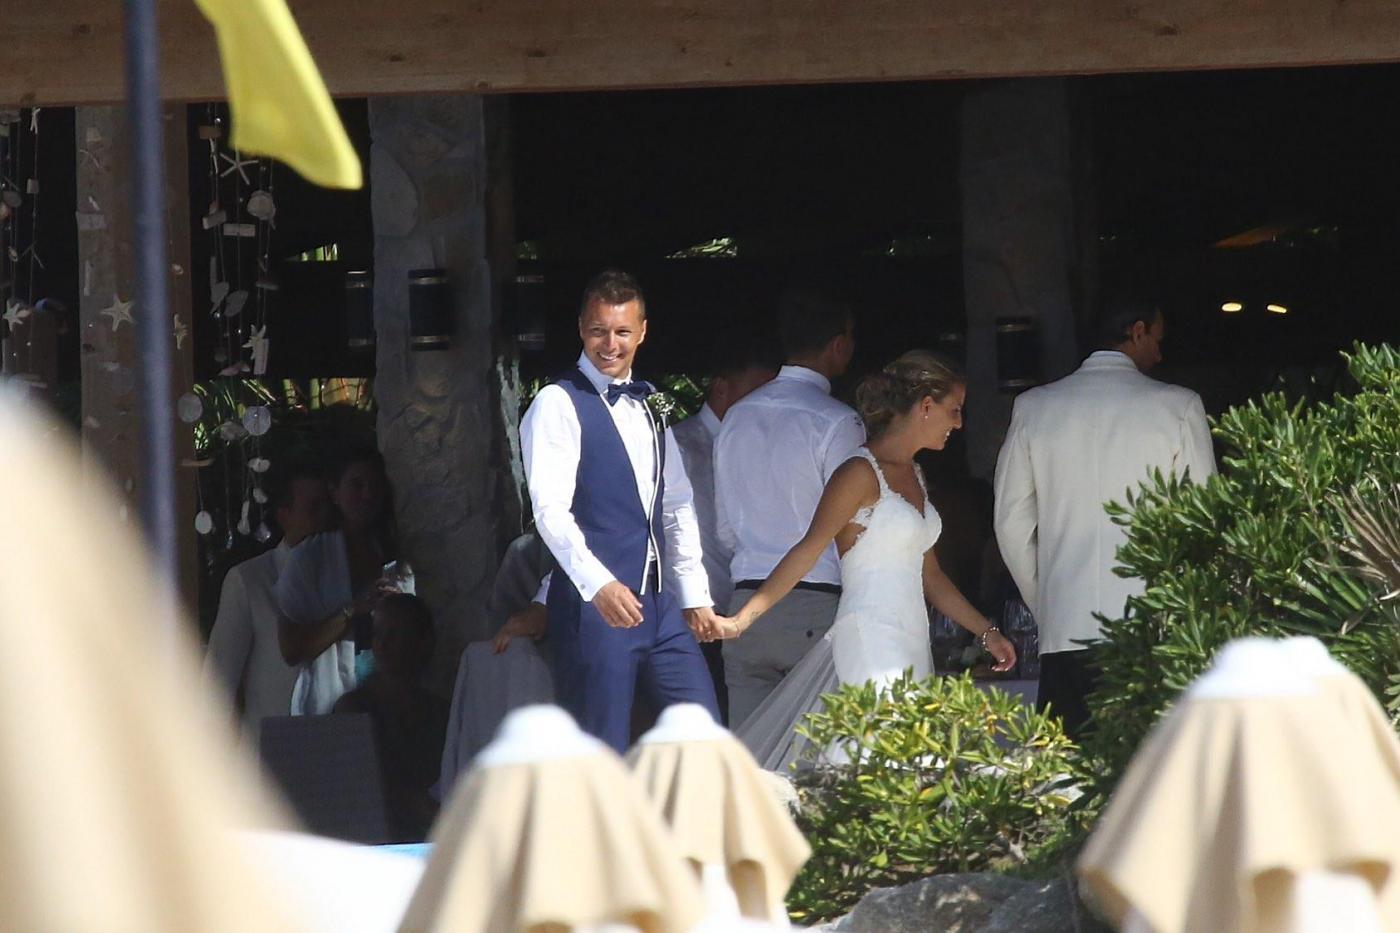 Tania Cagnotto si è sposata: le foto del matrimonio con Stefano Parolin